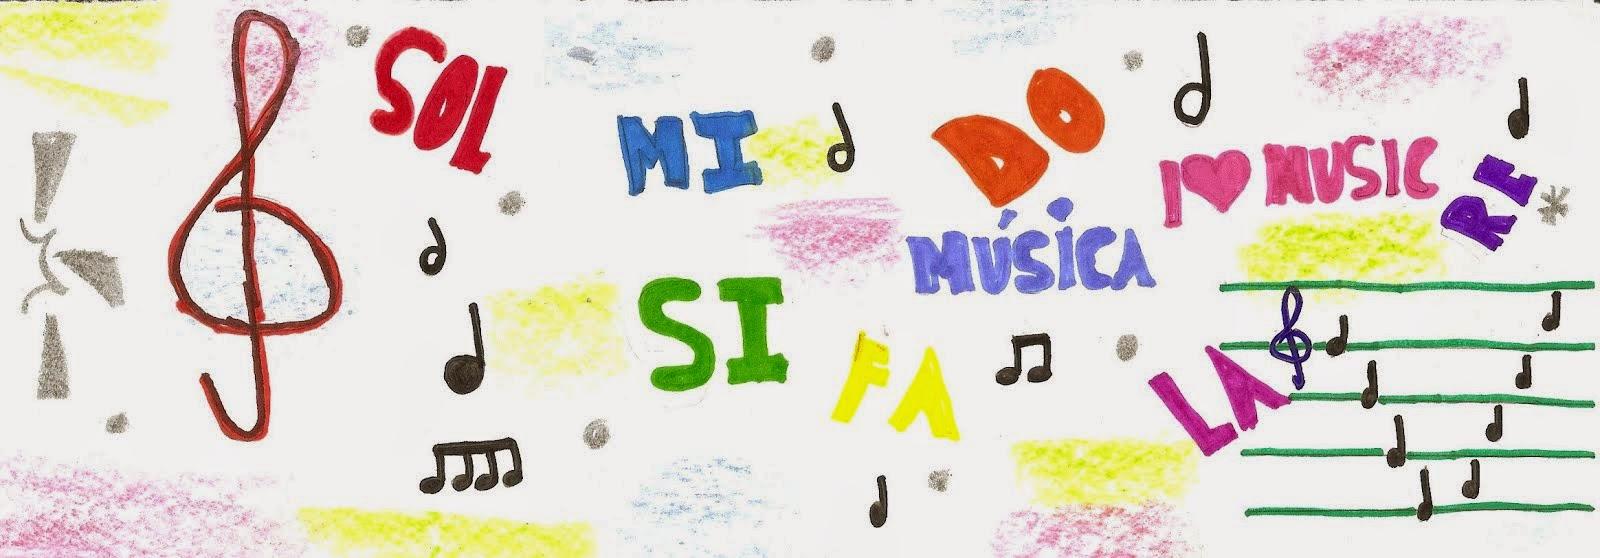 El blog de música